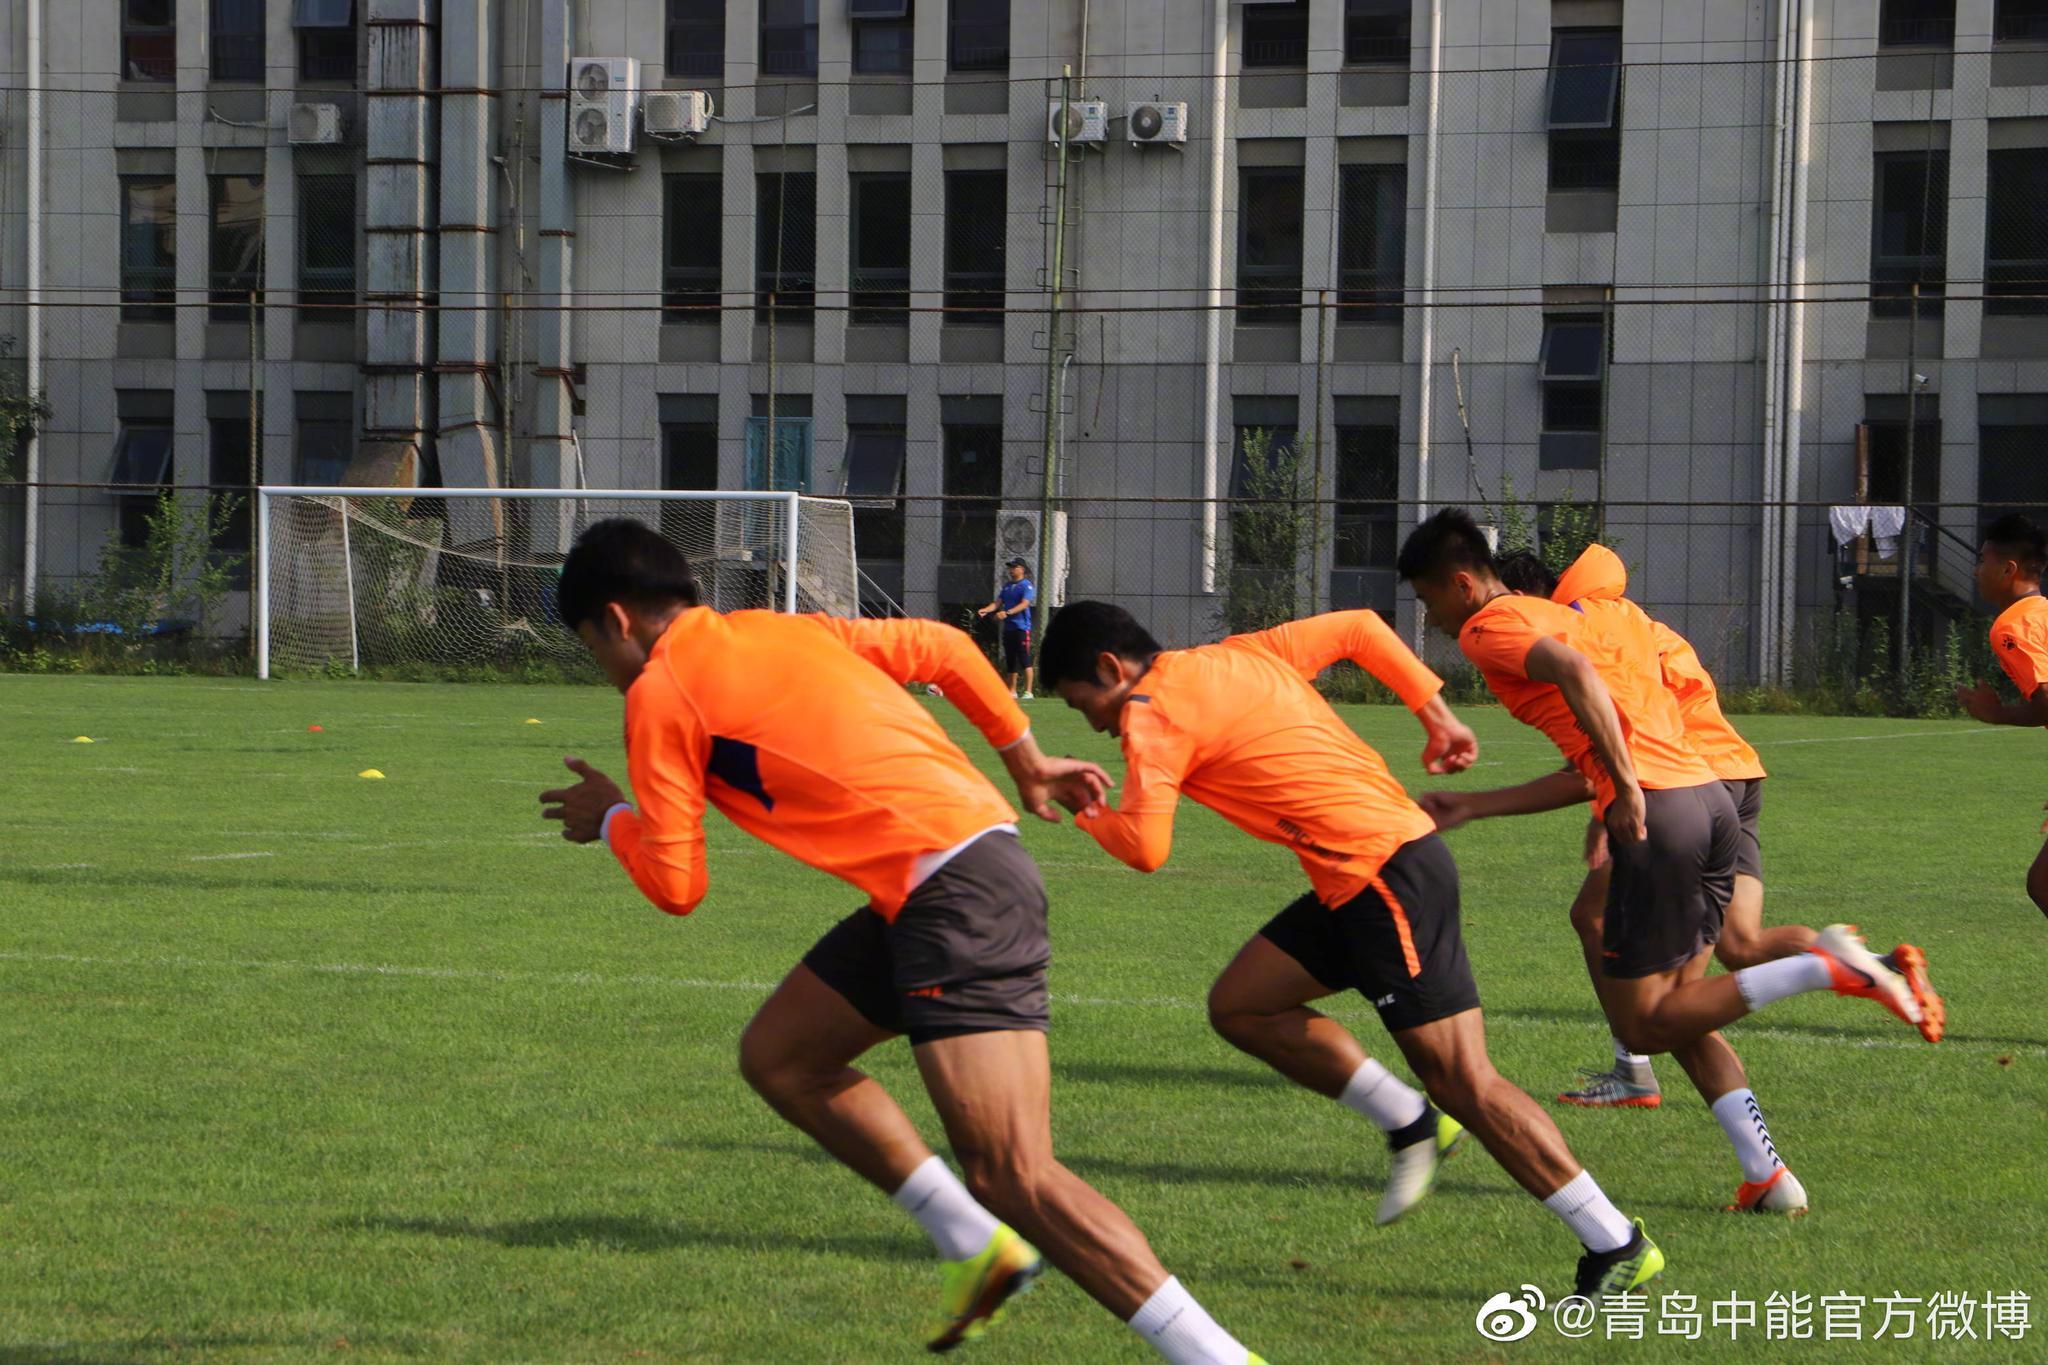 青岛中能足球俱乐部全体球员经过短暂的小假期后重新集结训练